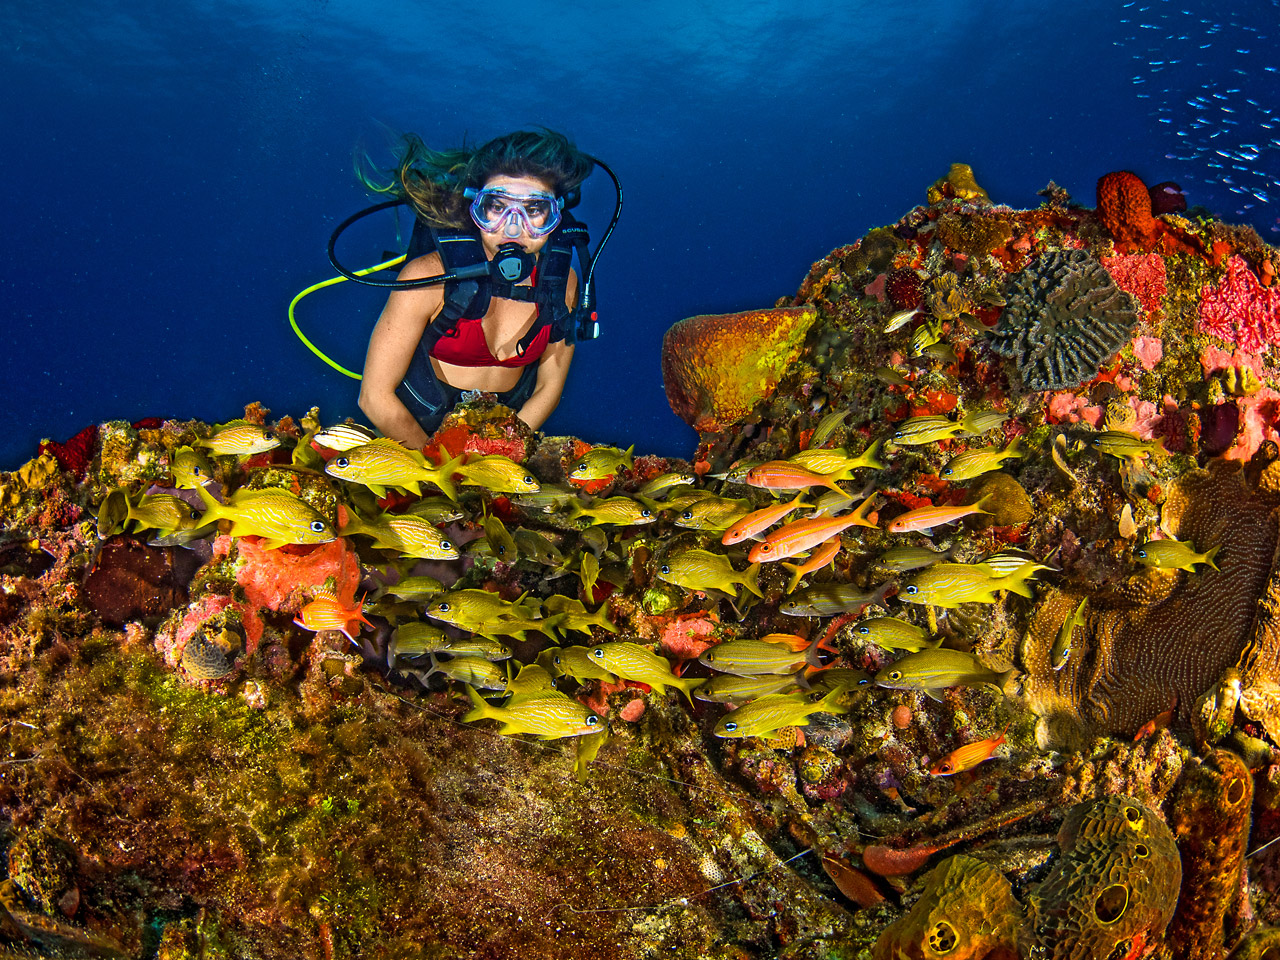 As belezas naturais da Jamaica, dentro e fora d'água, fizeram Karina Oliani retornar à ilha. | foto: Kadu Pinheiro | Jamaica Experience